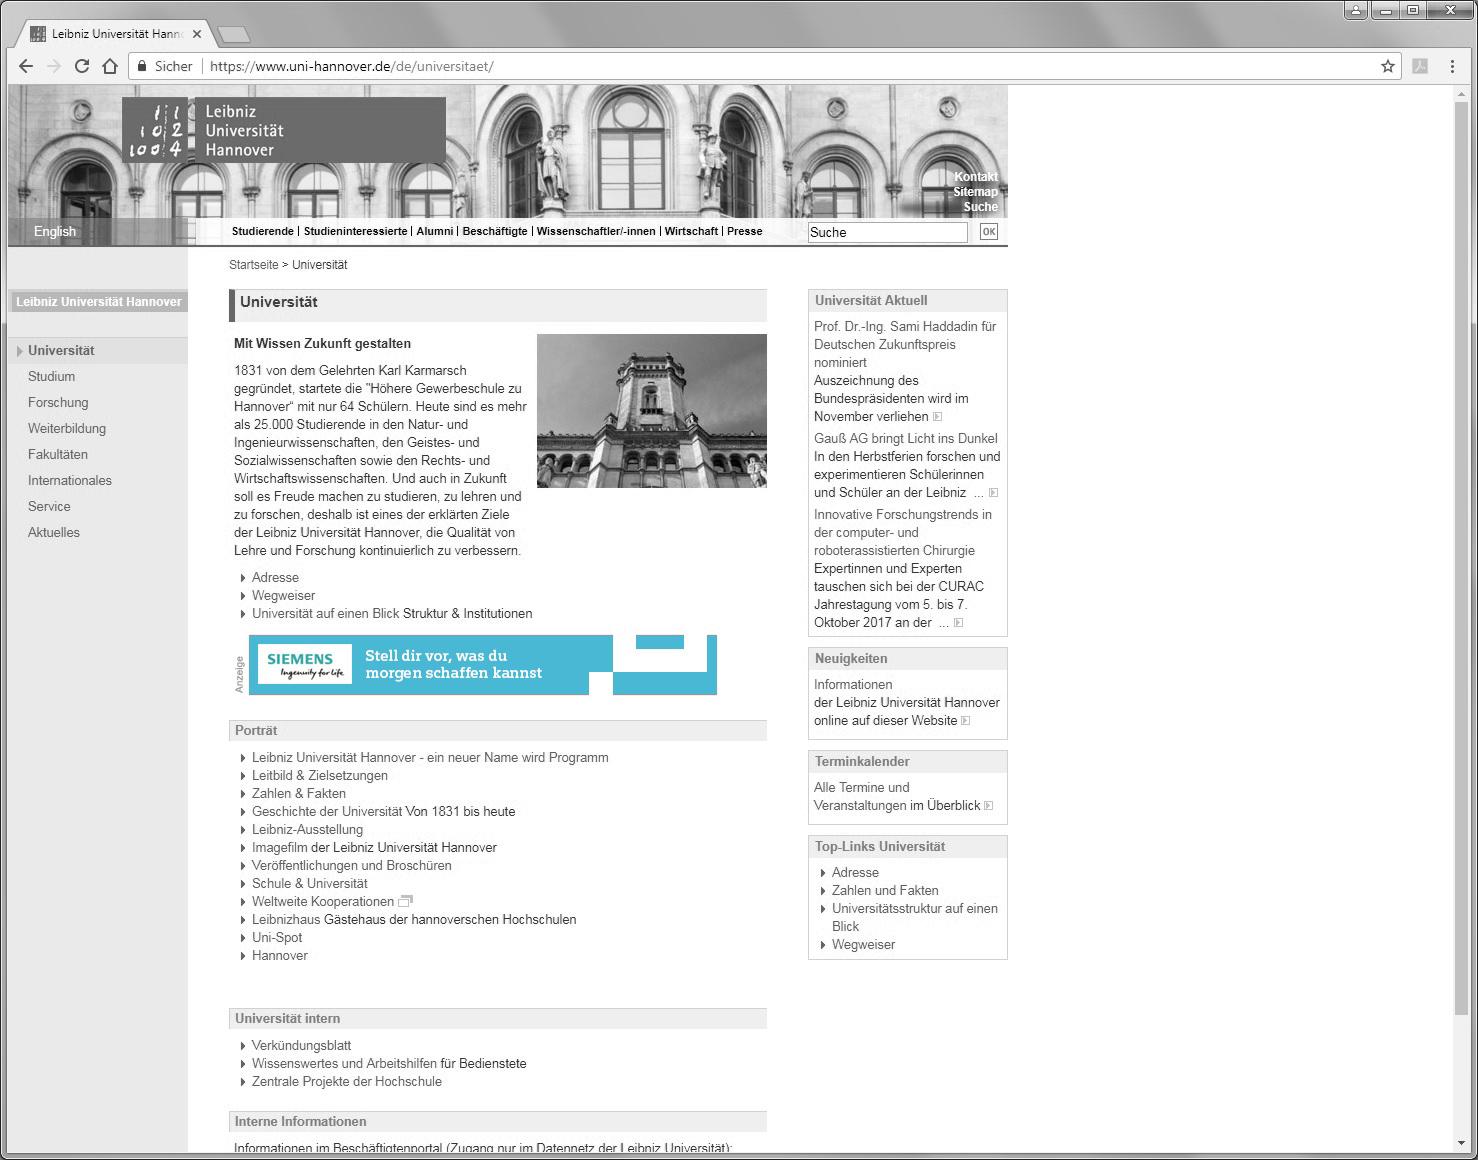 Leibniz Universität Hannover, Bannerwerbung, Recruiting